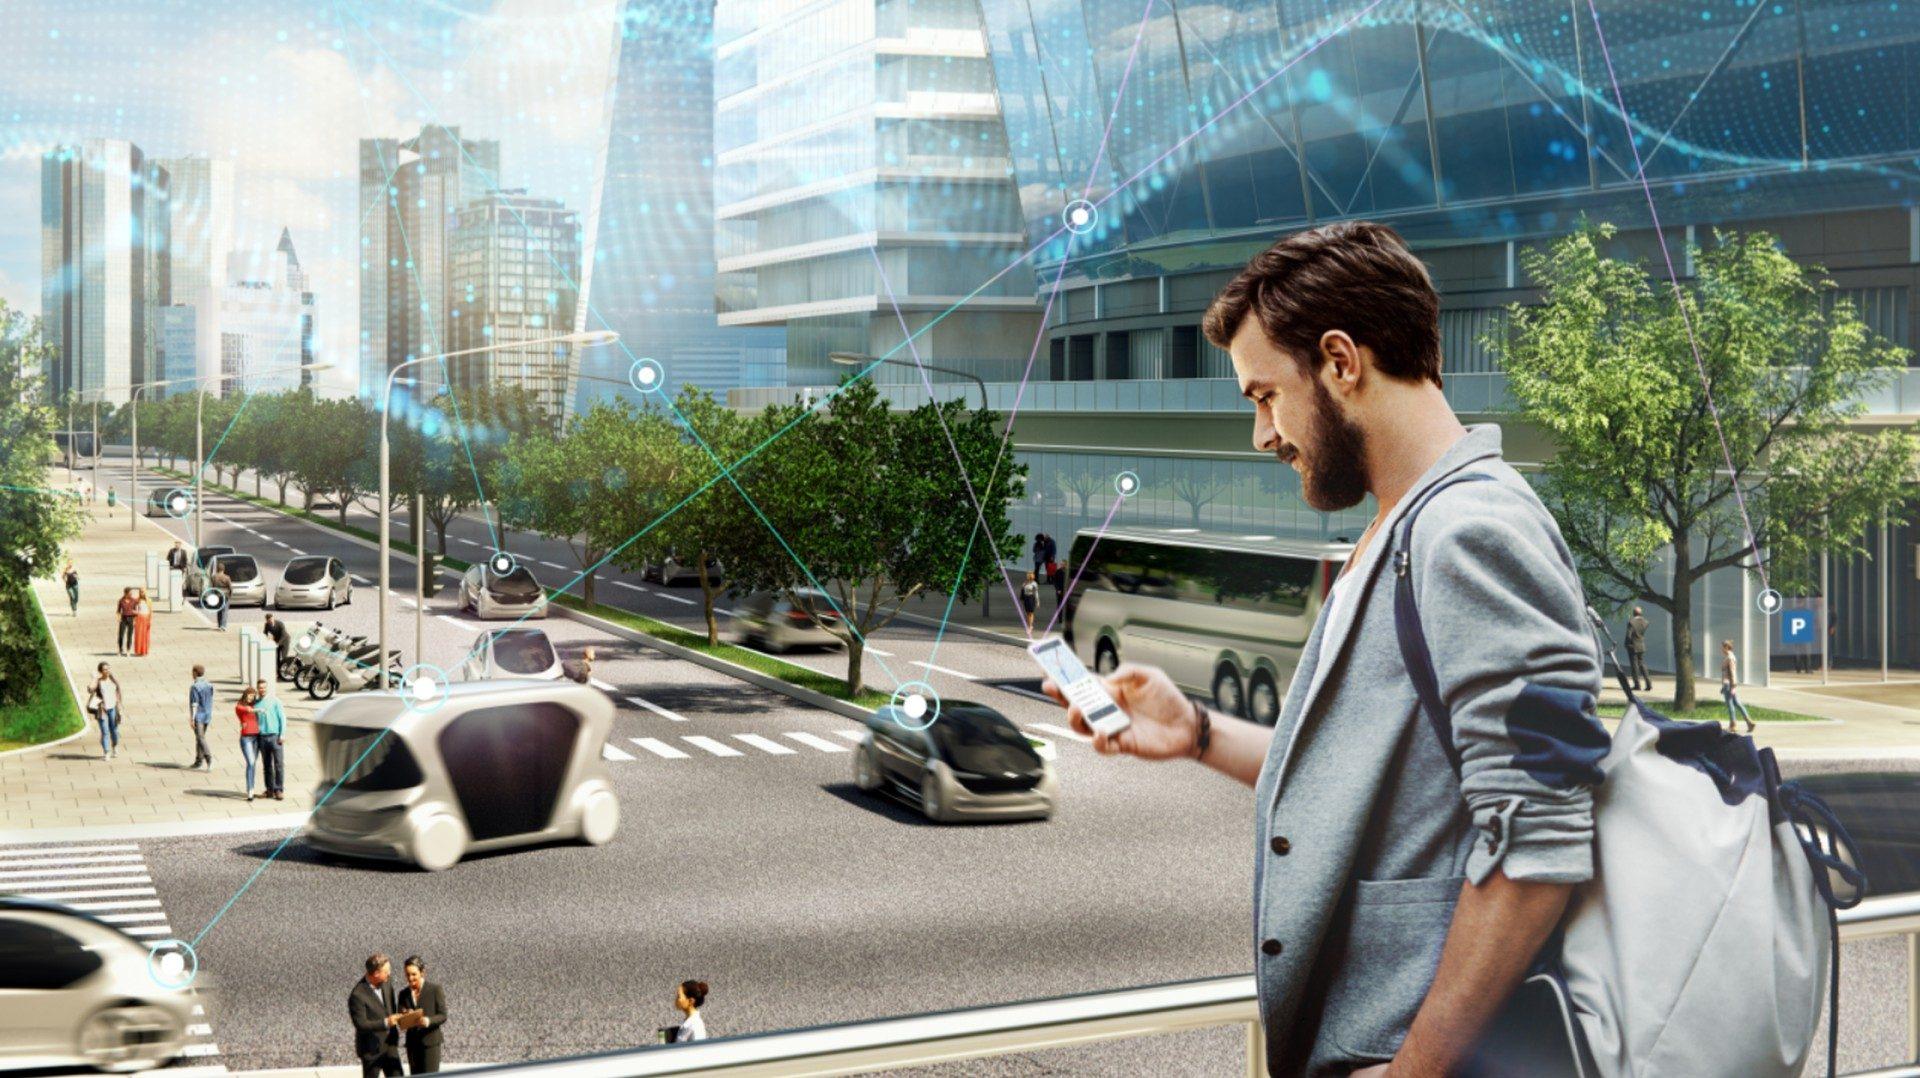 IAA 2019: zamówienia zebrane przez Bosch  w obszarze elektromobilności osiągnęły wartość  13 miliardów euro